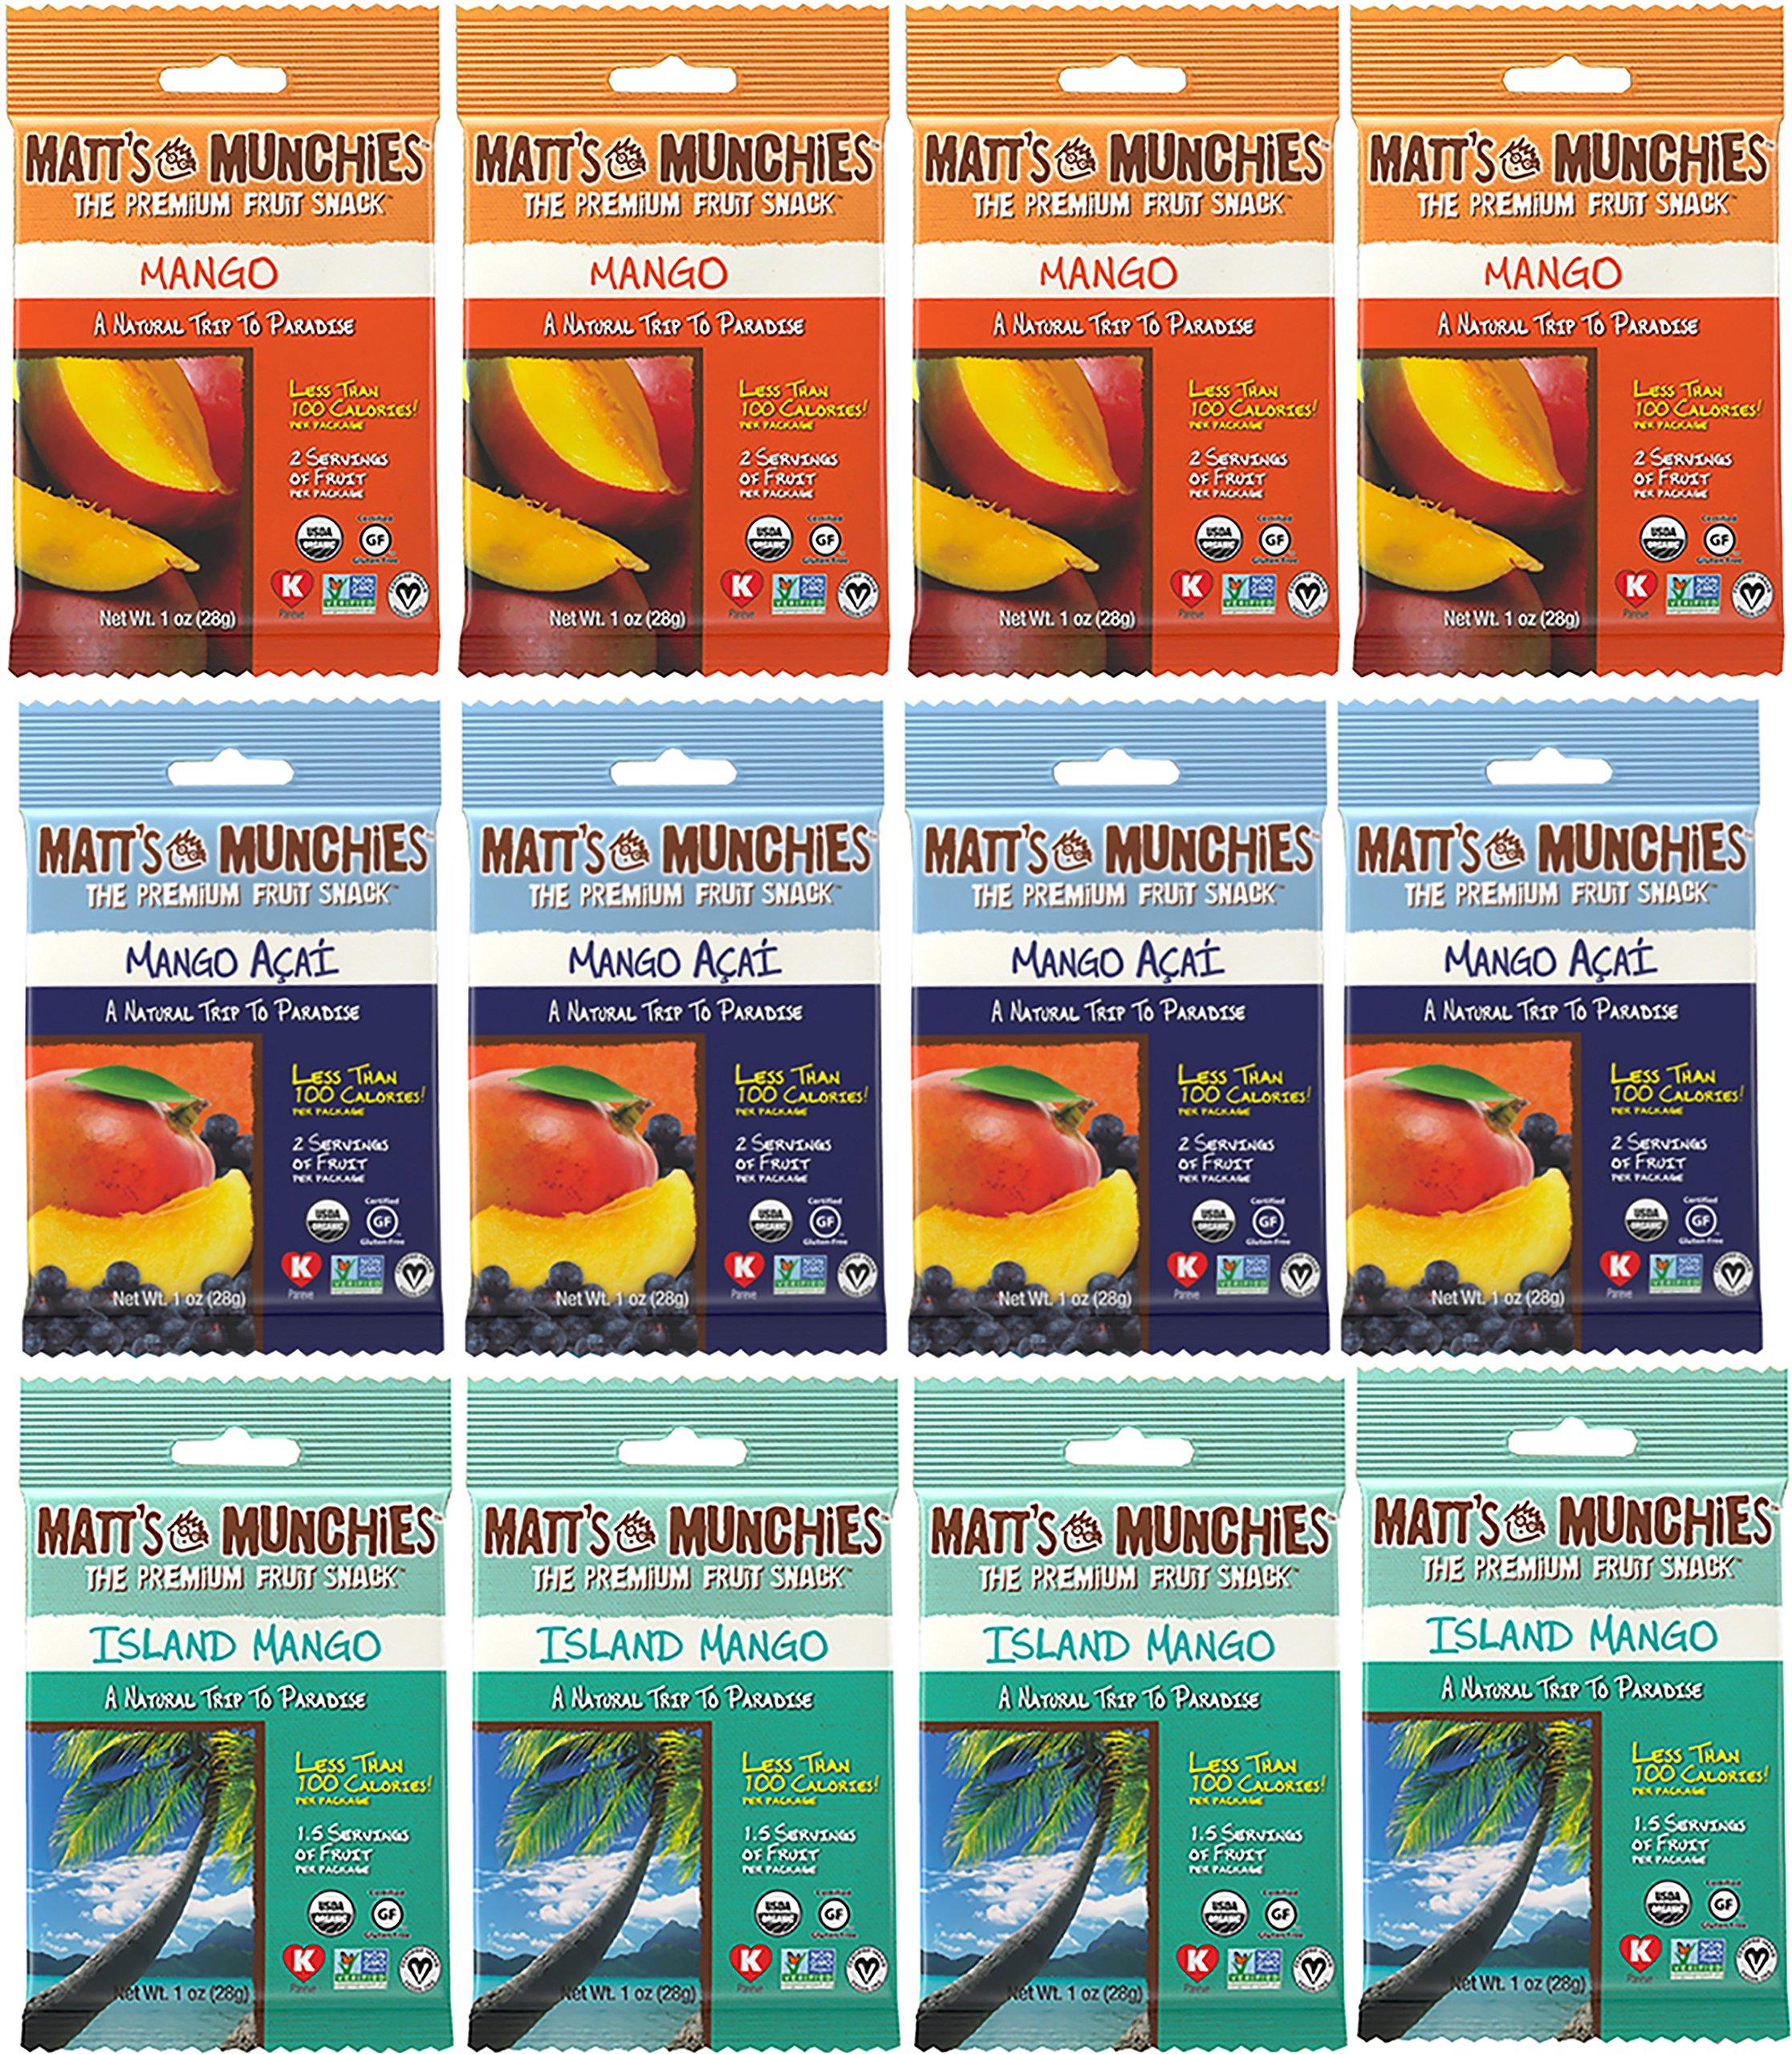 Matt's Munchies Mango Mattness Variety Pack of 12 - Mango, Mango Acai, Island Mango - Non-GMO, Organic, Vegan